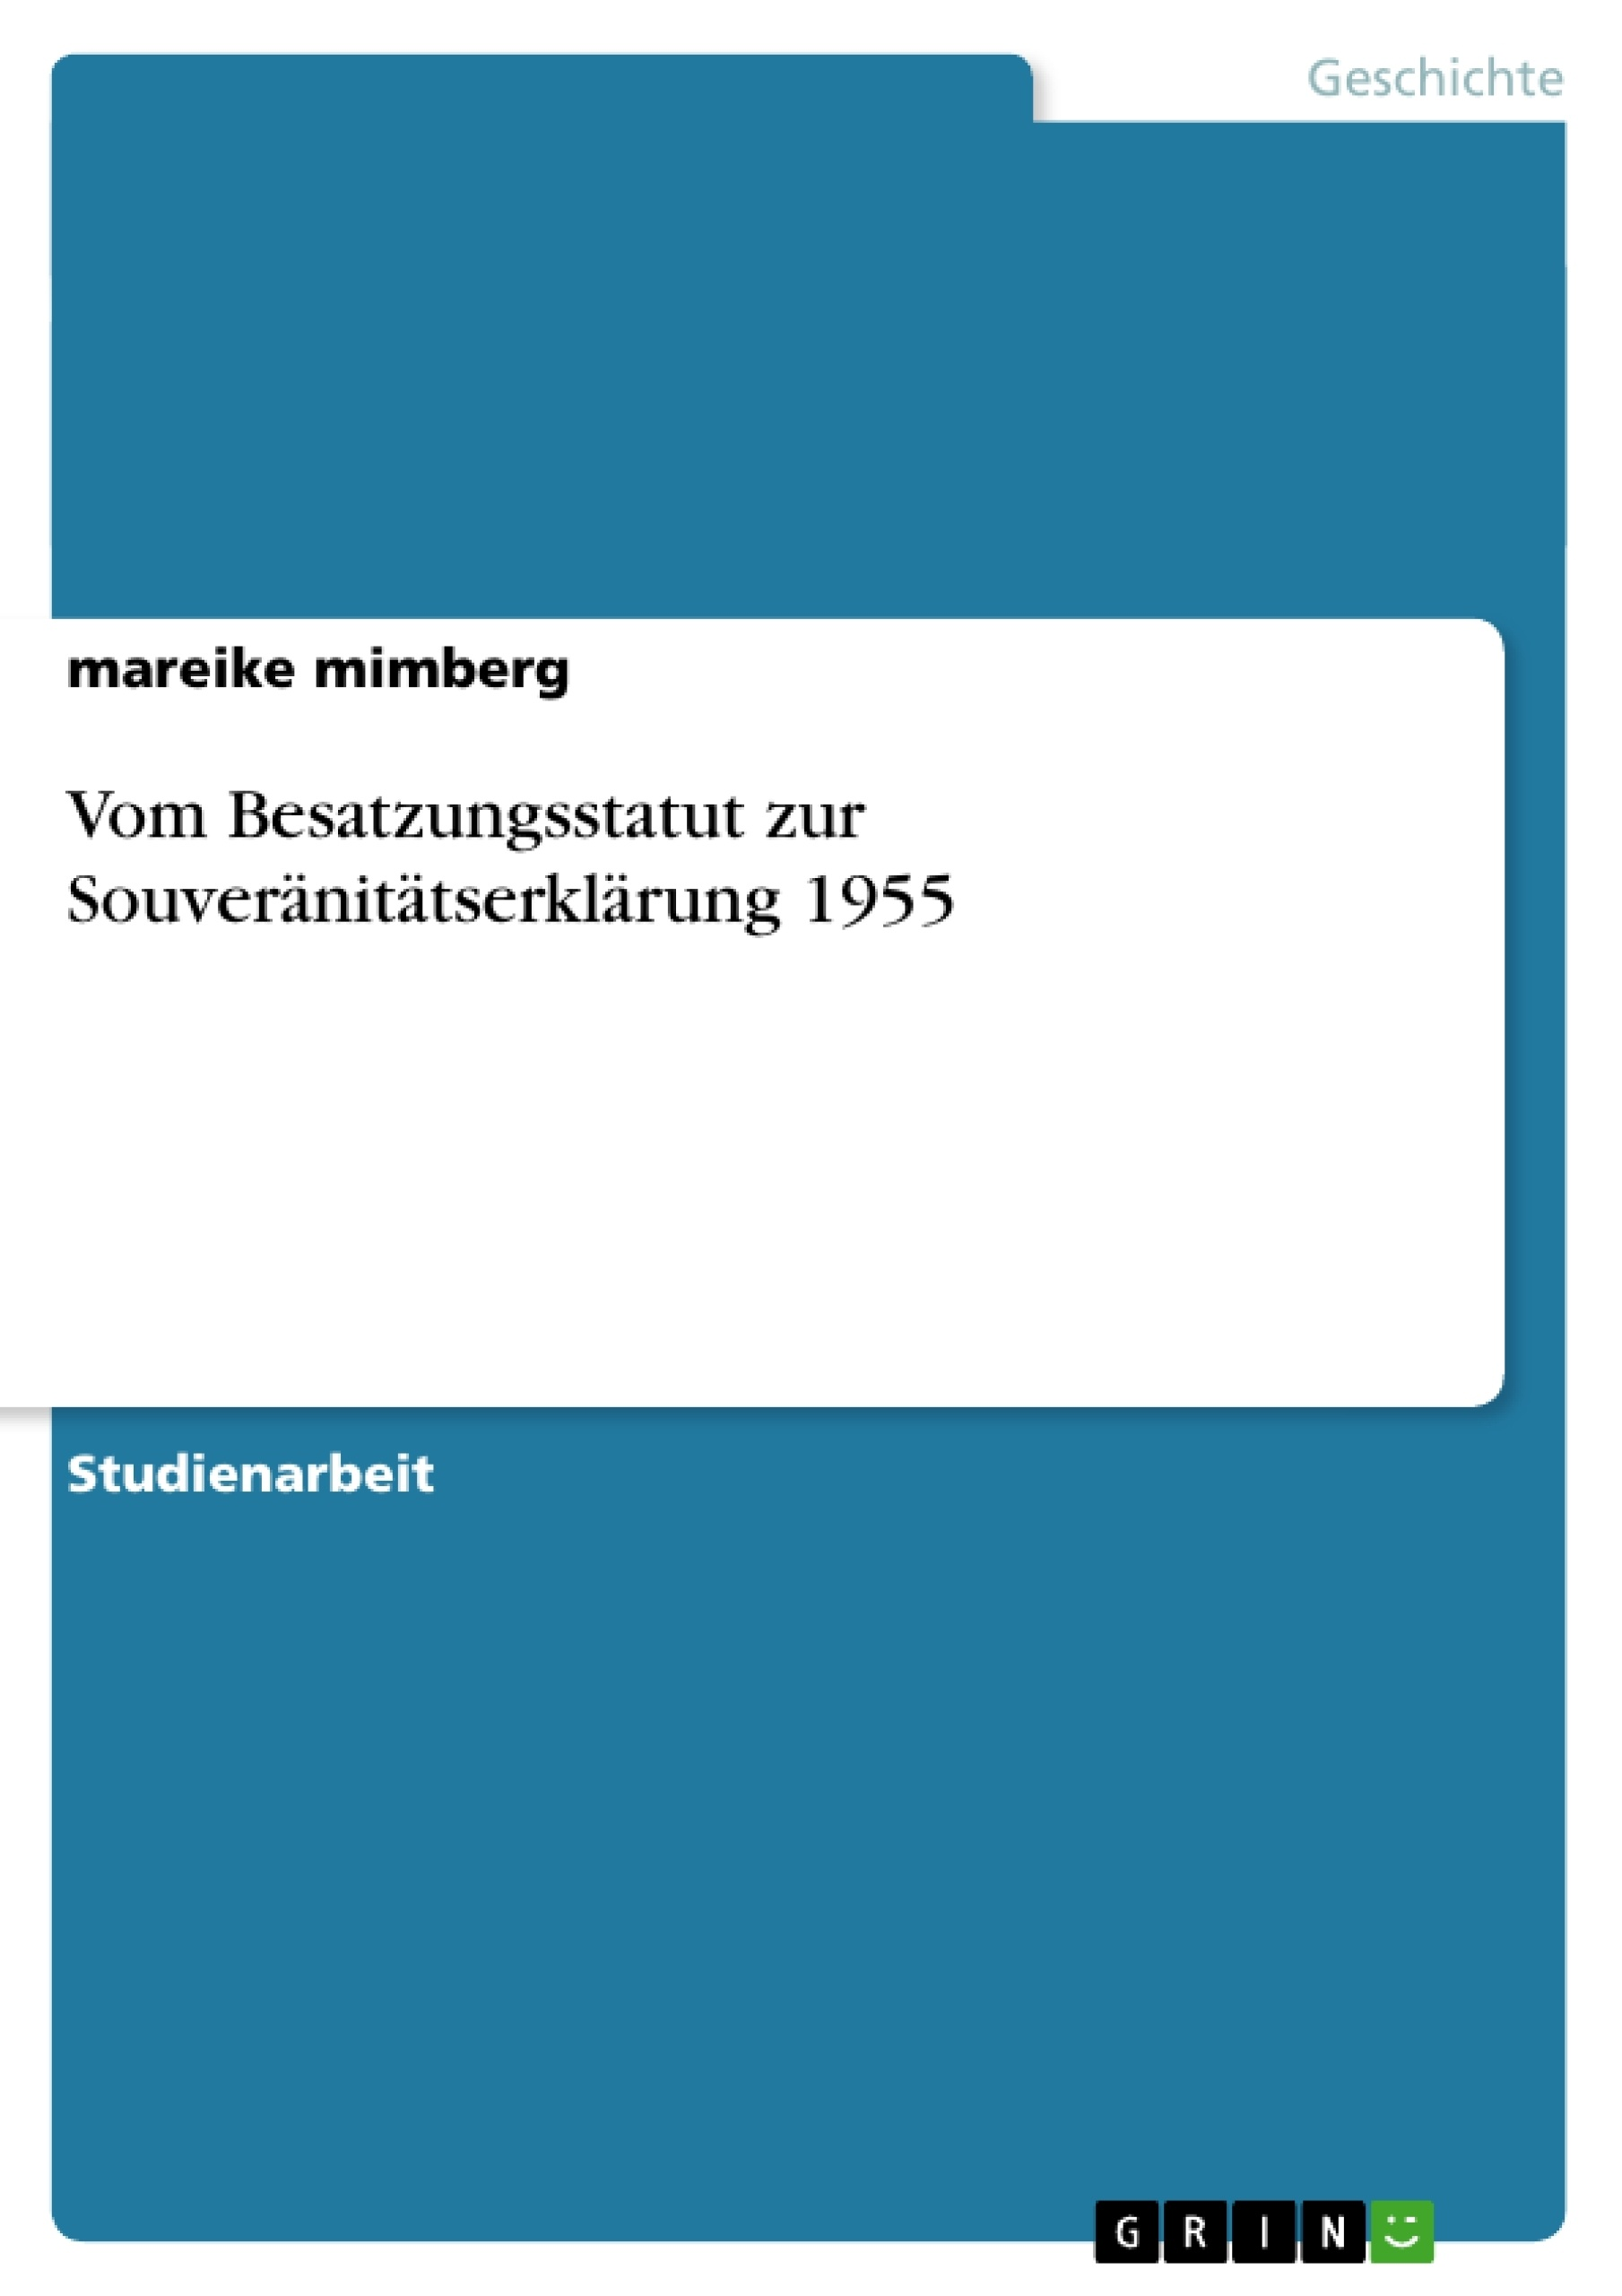 Titel: Vom Besatzungsstatut zur Souveränitätserklärung 1955